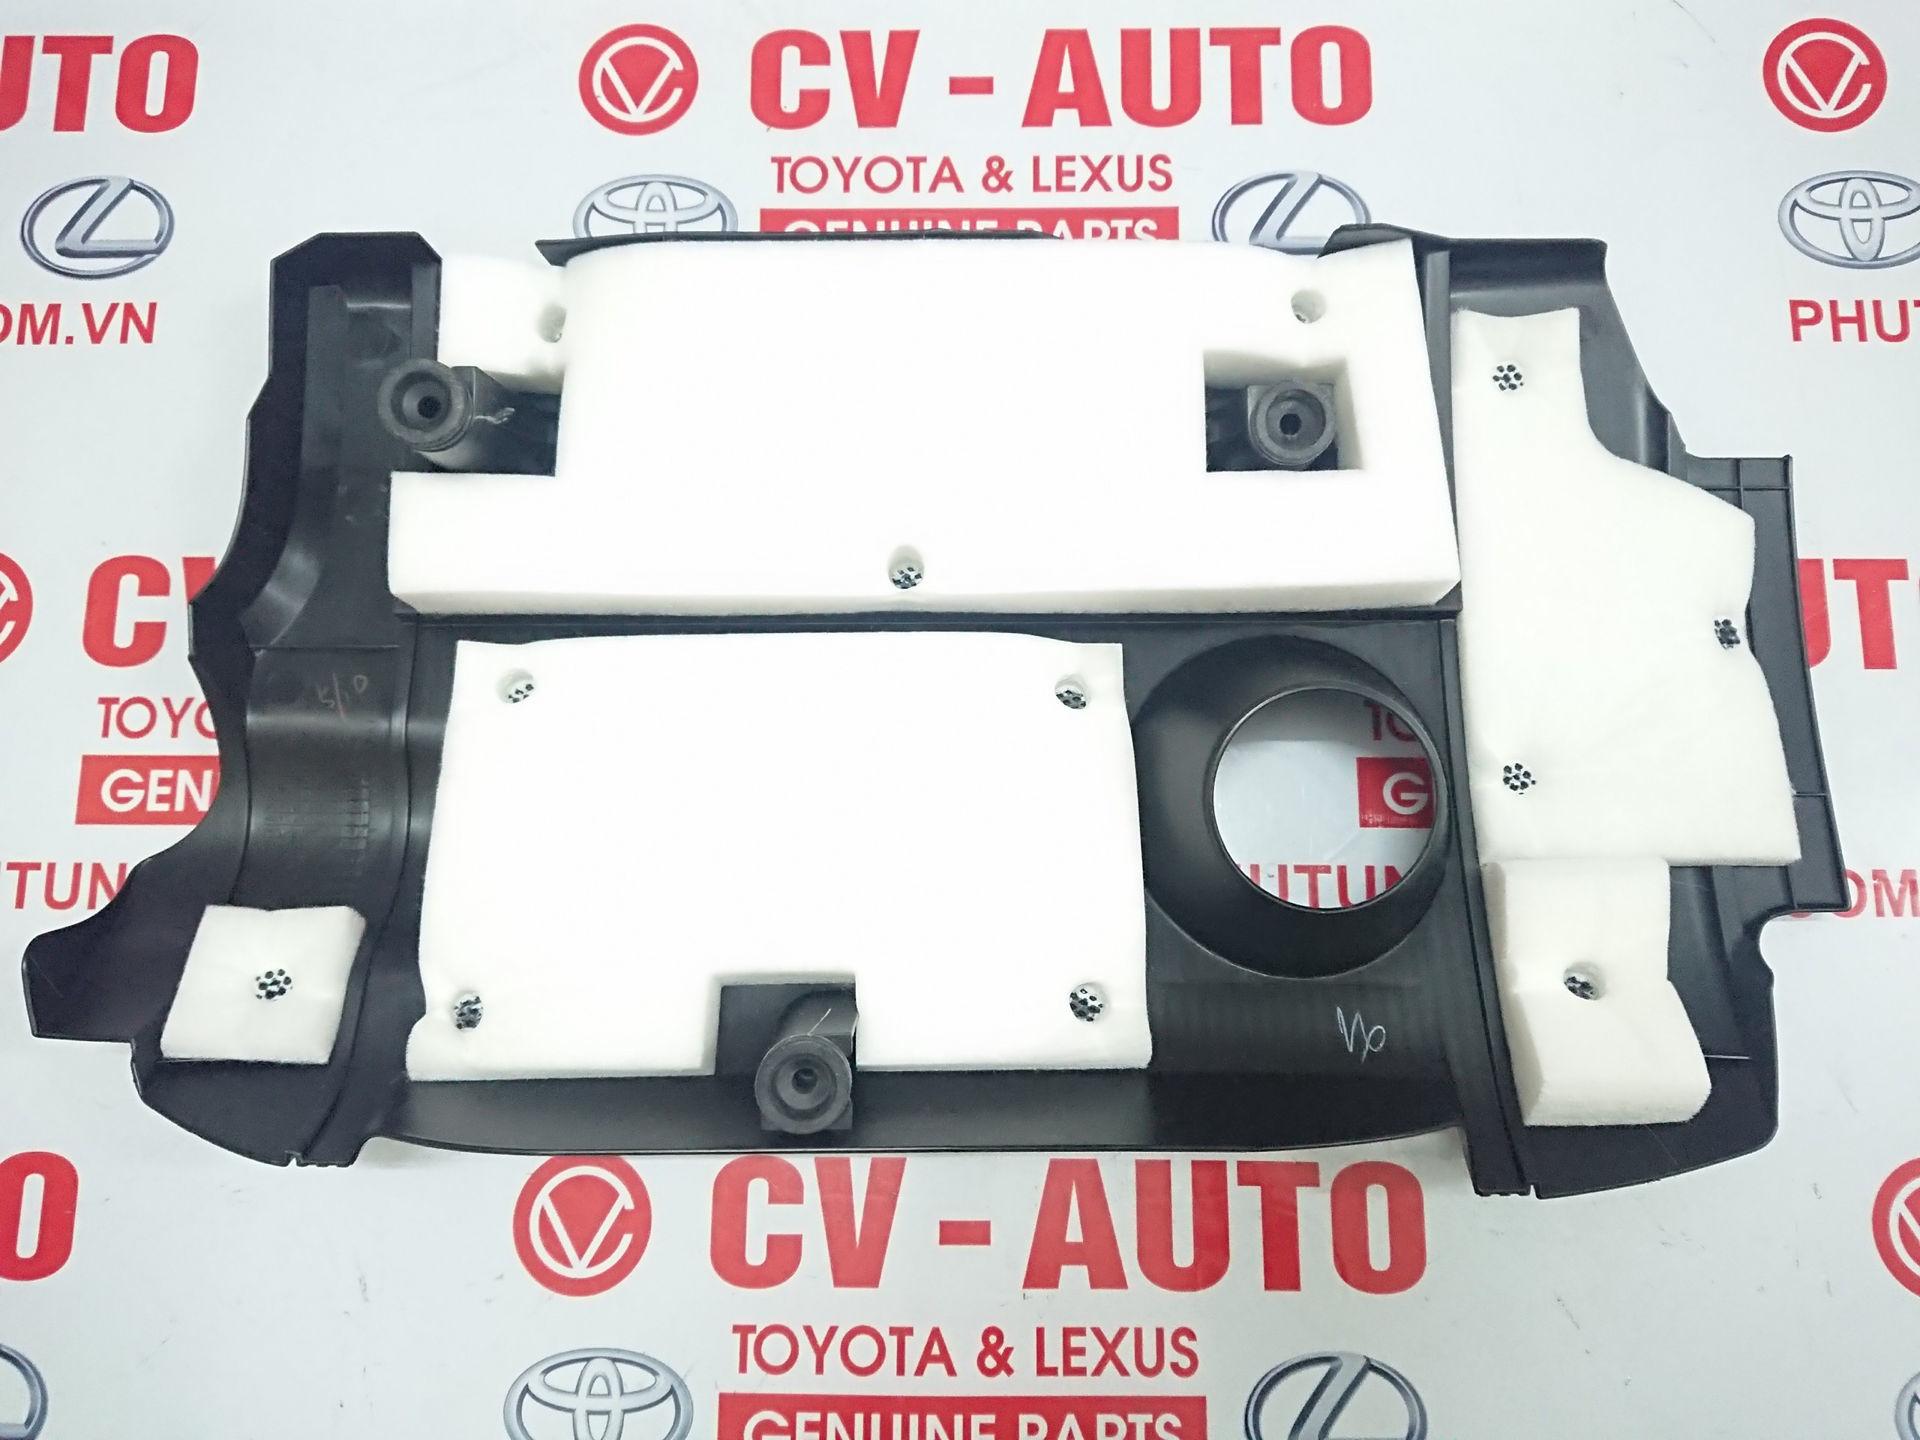 Picture of 12601-36110 Nắp trang trí động cơ Toyota Camry 2.5 Venza 2.7 chính hãng